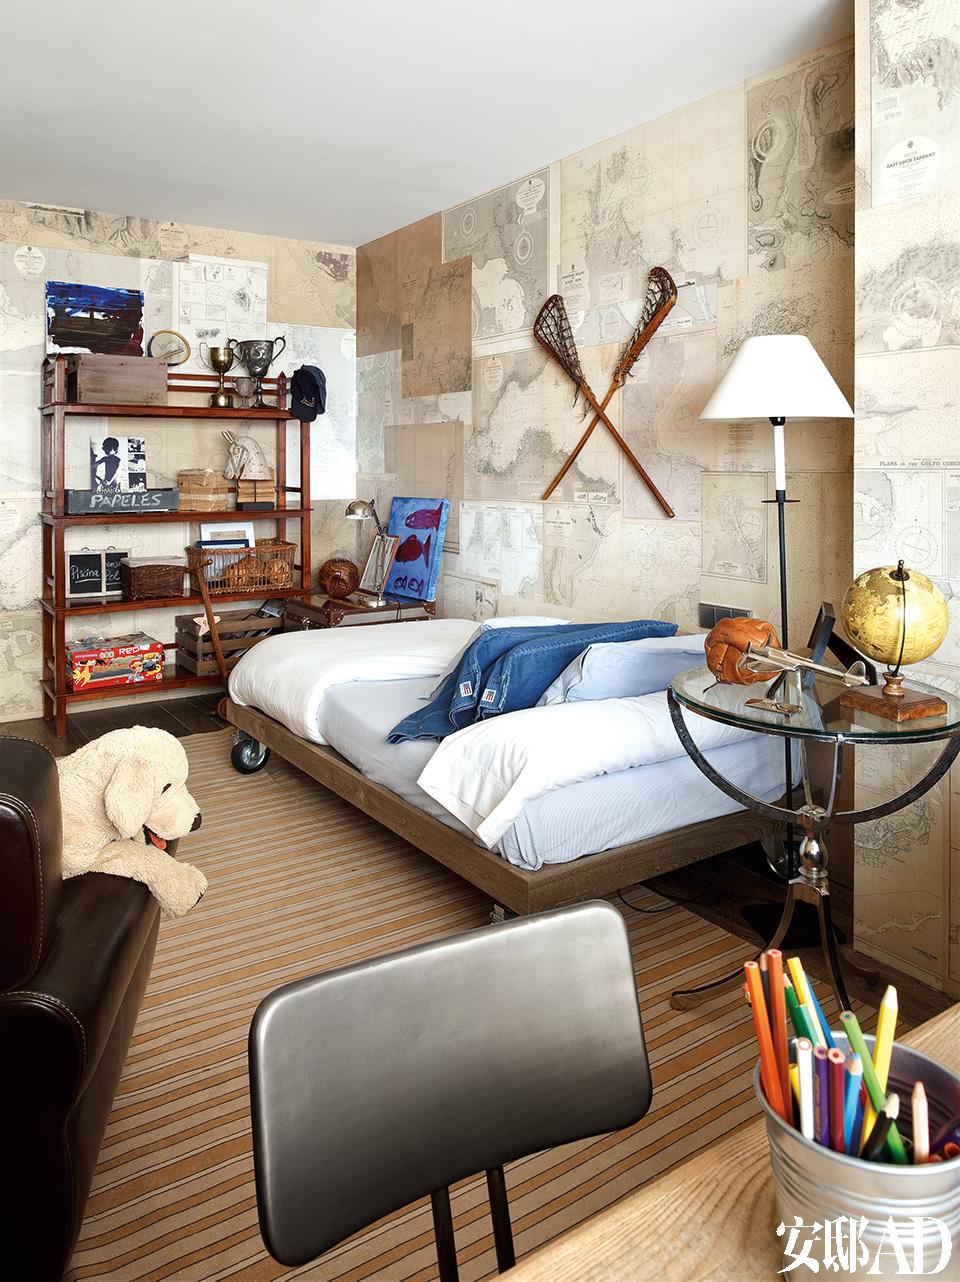 """主人儿子的房间里有一面""""地图""""墙,橱架来自一家名叫IndianPacific的小店。圆金属桌、条纹地毯和墙上的球拍均购自Azul Tierra。床是由当地一名木匠设计的。"""